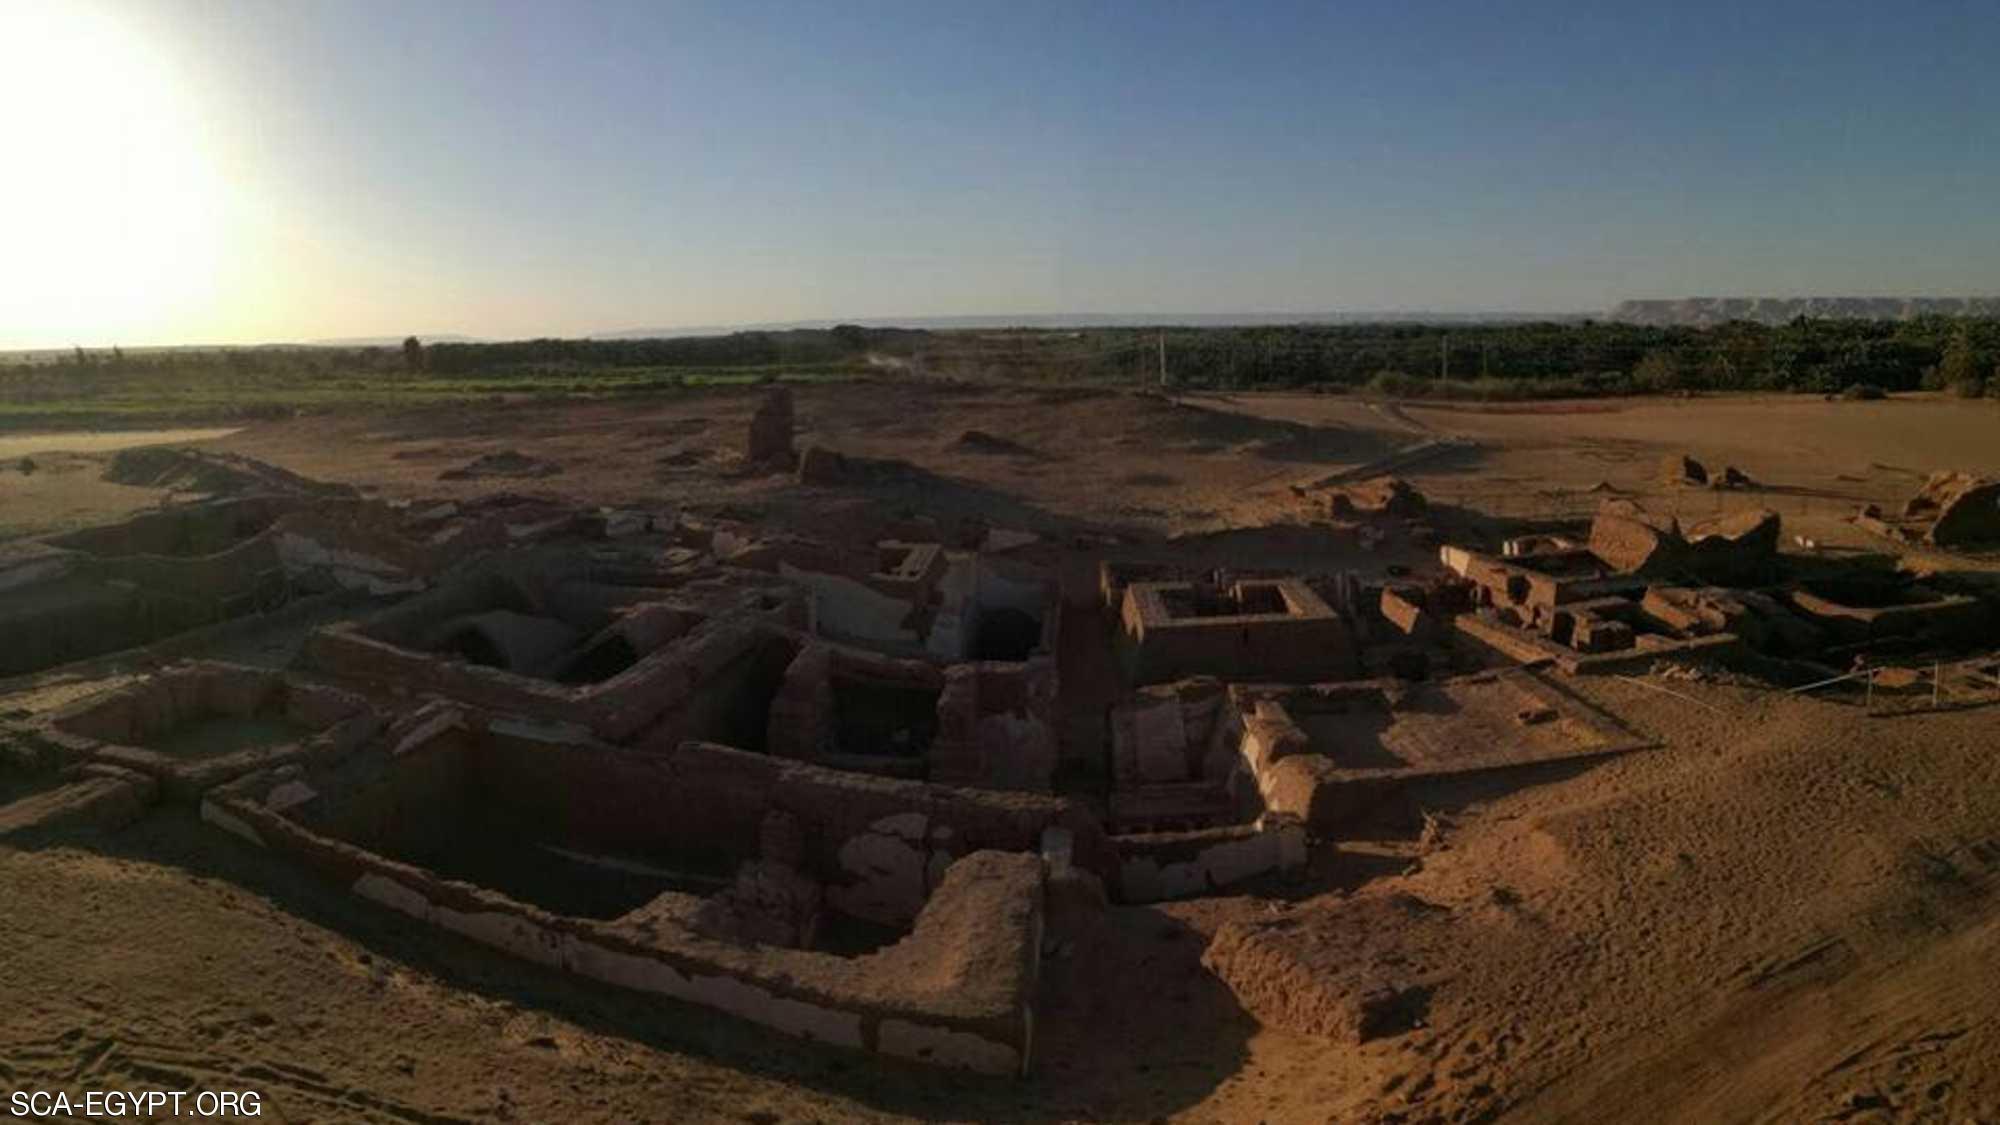 مصر.. اكتشاف مقابر تعود إلى العصر الروماني